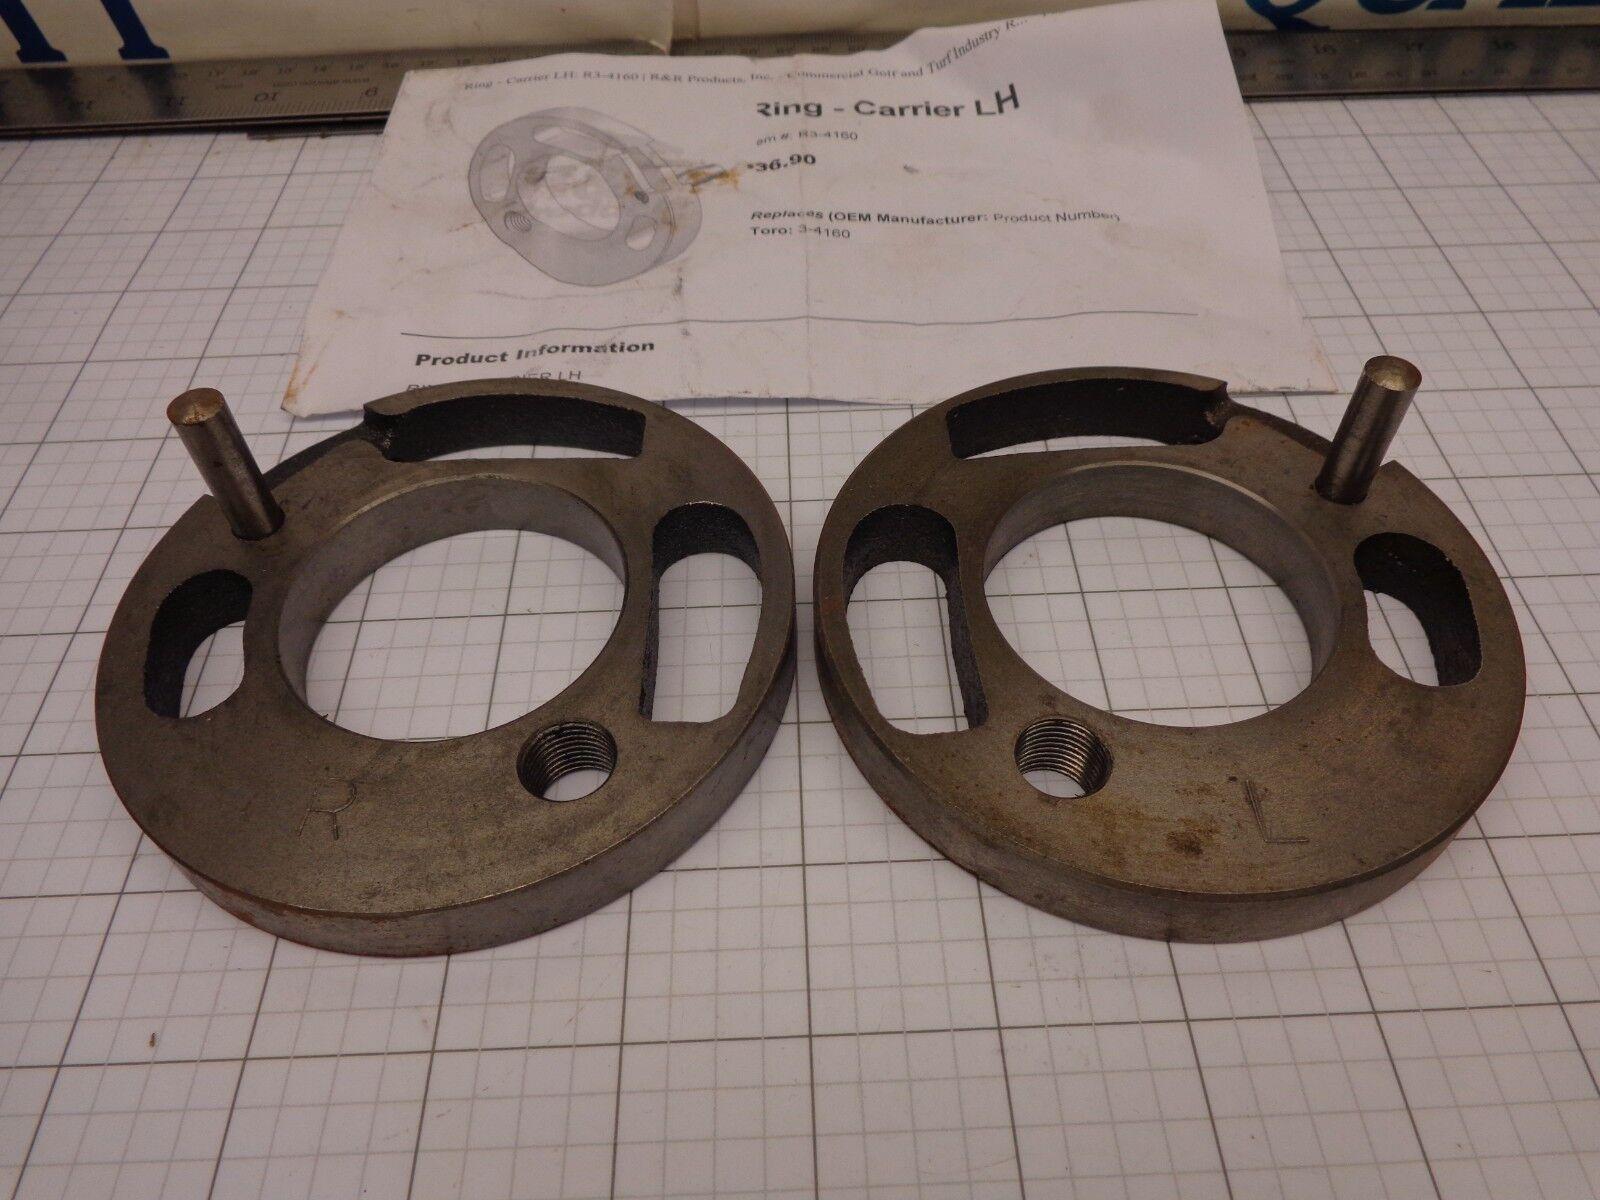 R&r R3-4160 & R3-4170 Anillo de portadora izquierda & derecho sustituye Toro 3-4160 y 3-4170